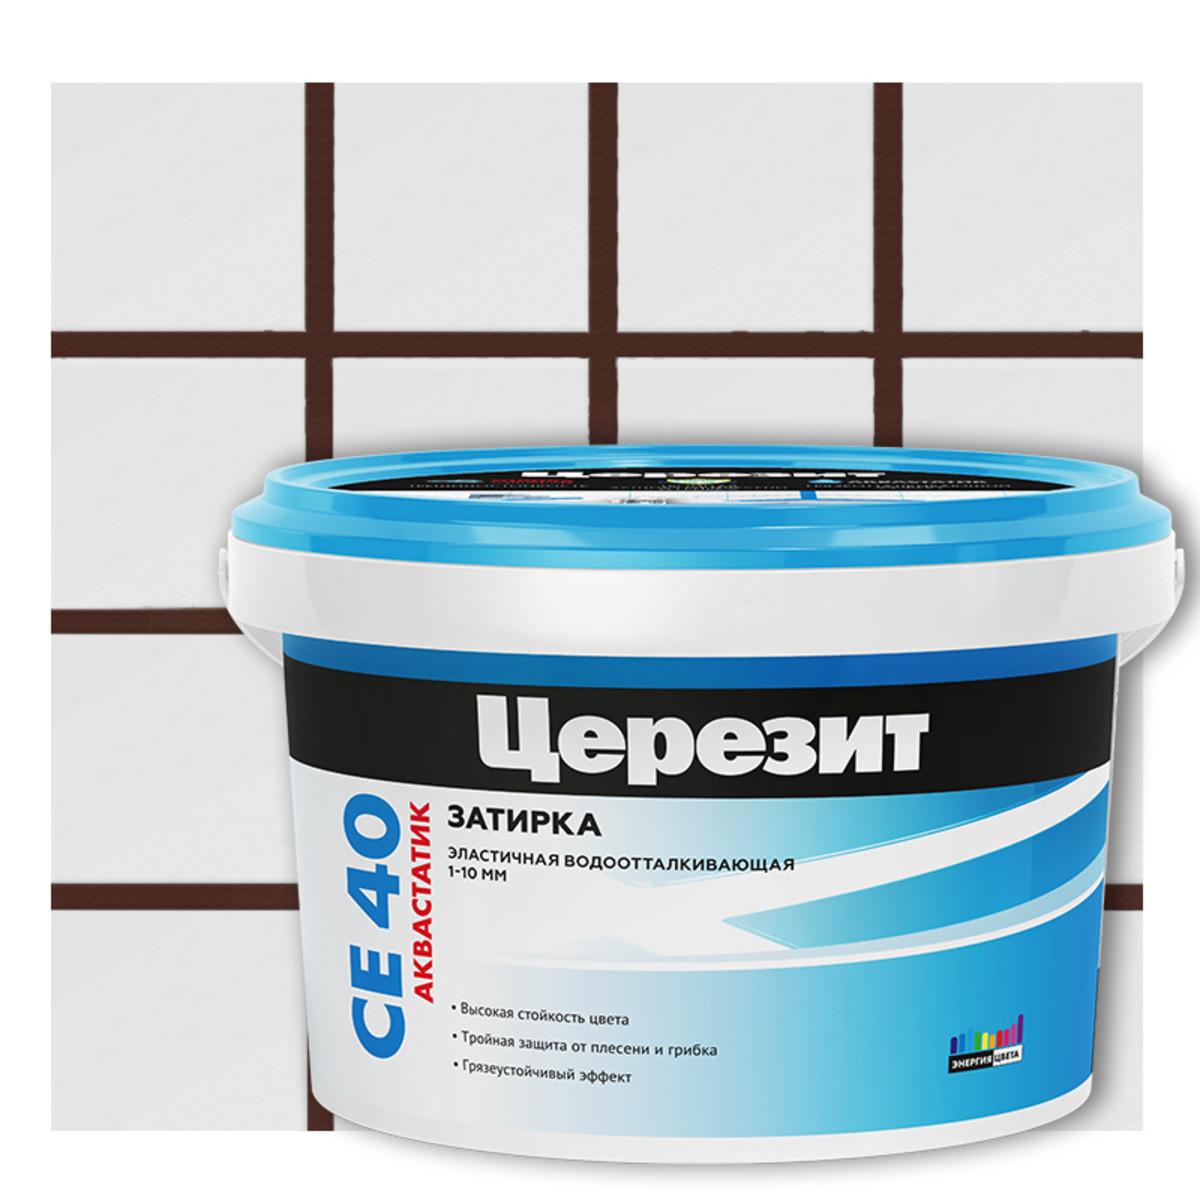 Затирка эластичная водоотталкивающая Ceresit СЕ 40 Aquastatic 2 кг сталь цвет темно-шоколадный